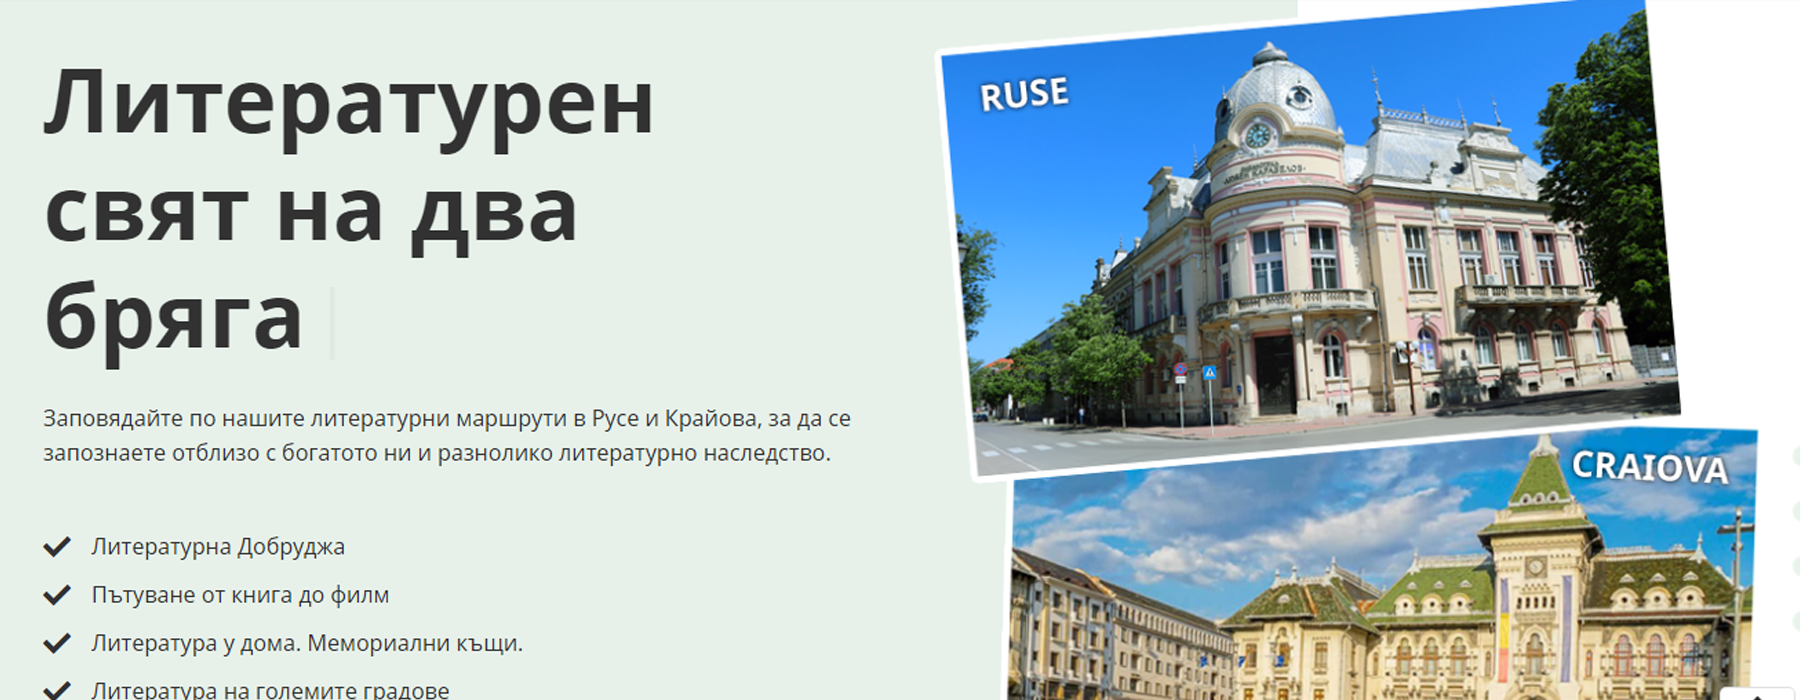 Как работим - Долен Дунав - литературен свят на два бряга